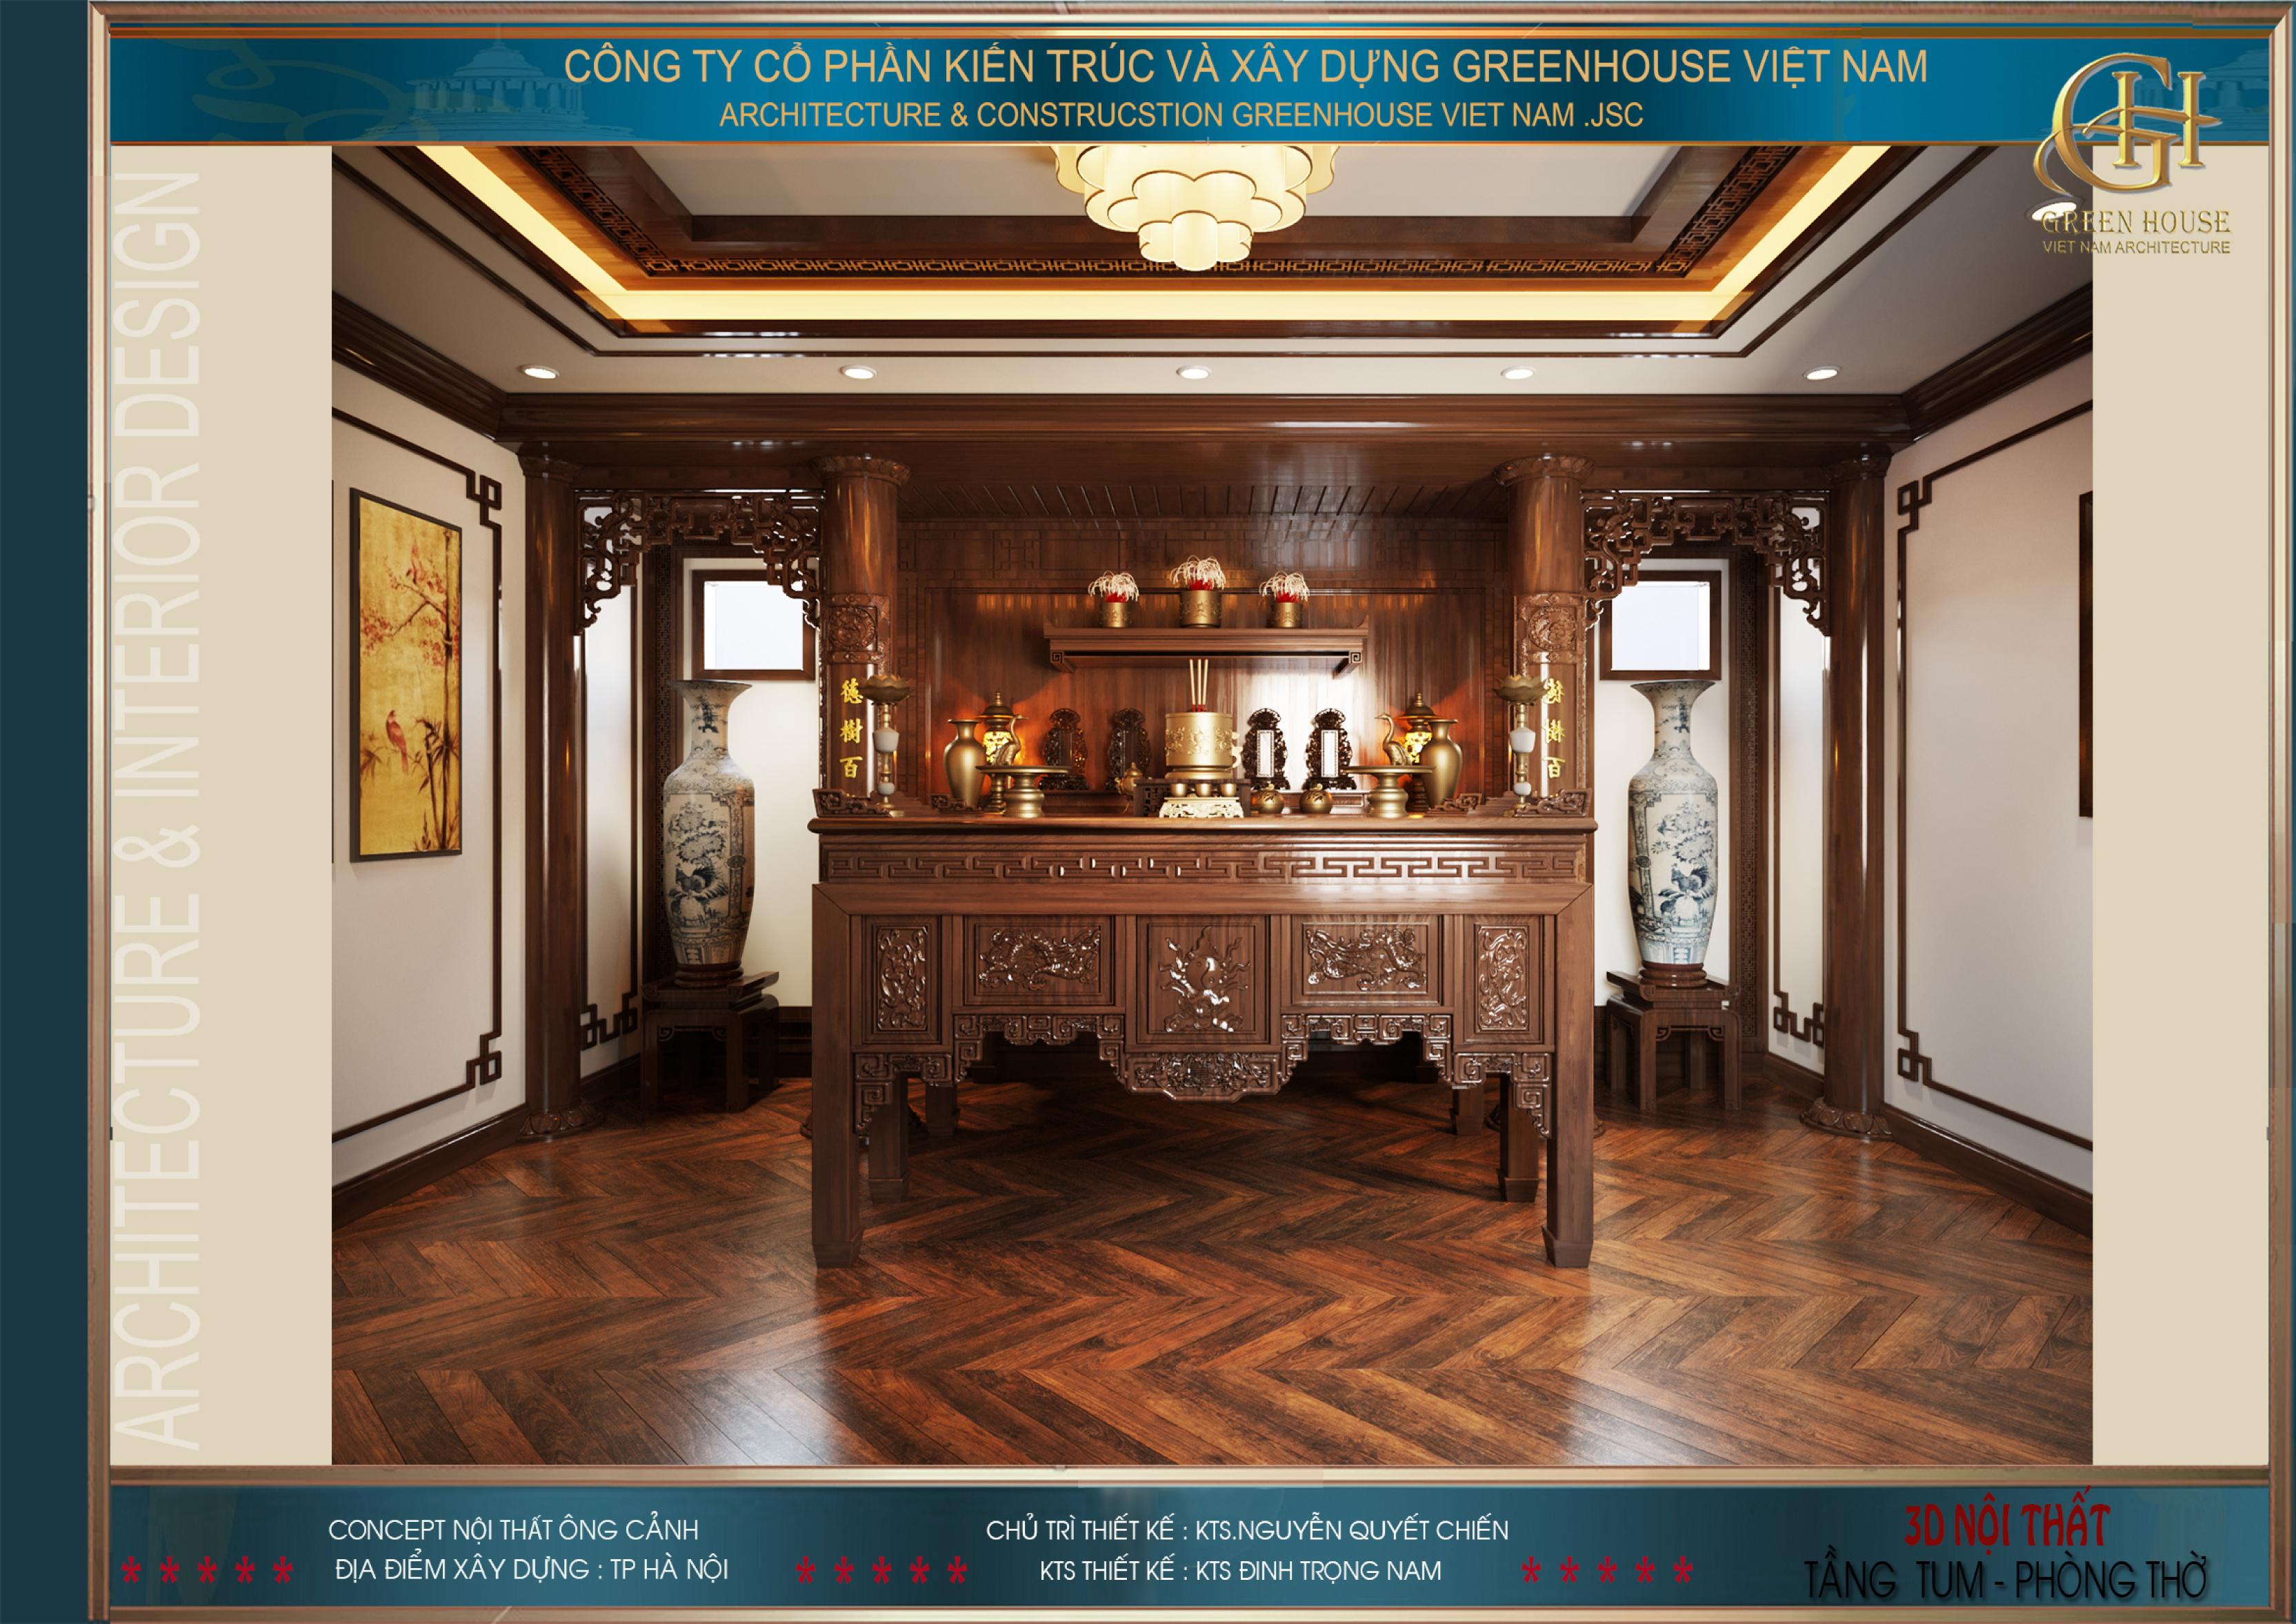 Các đồ nội thất trong phòng thờ đều mang màu sắc tâm linh trang nghiêm và sang trọng